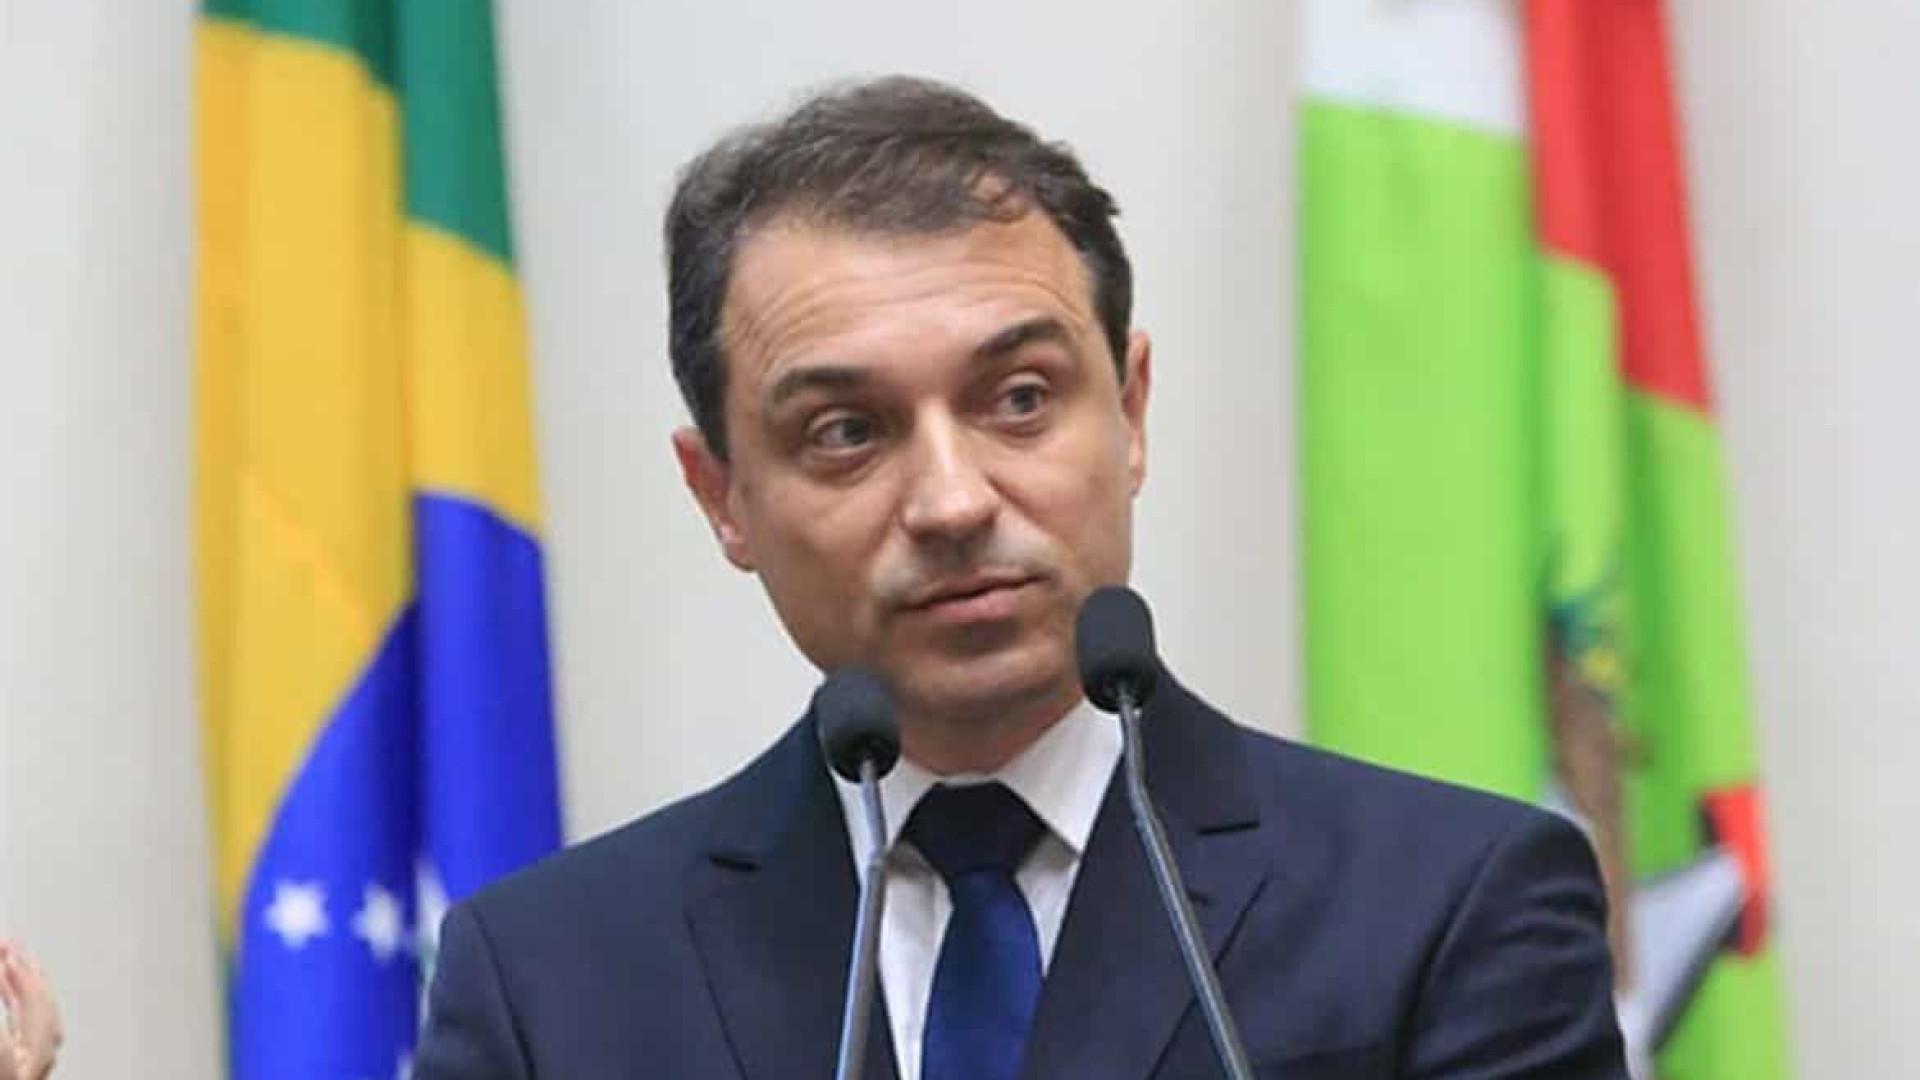 Tribunal de impeachment afasta governador catarinense do cargo, mas mantém vice